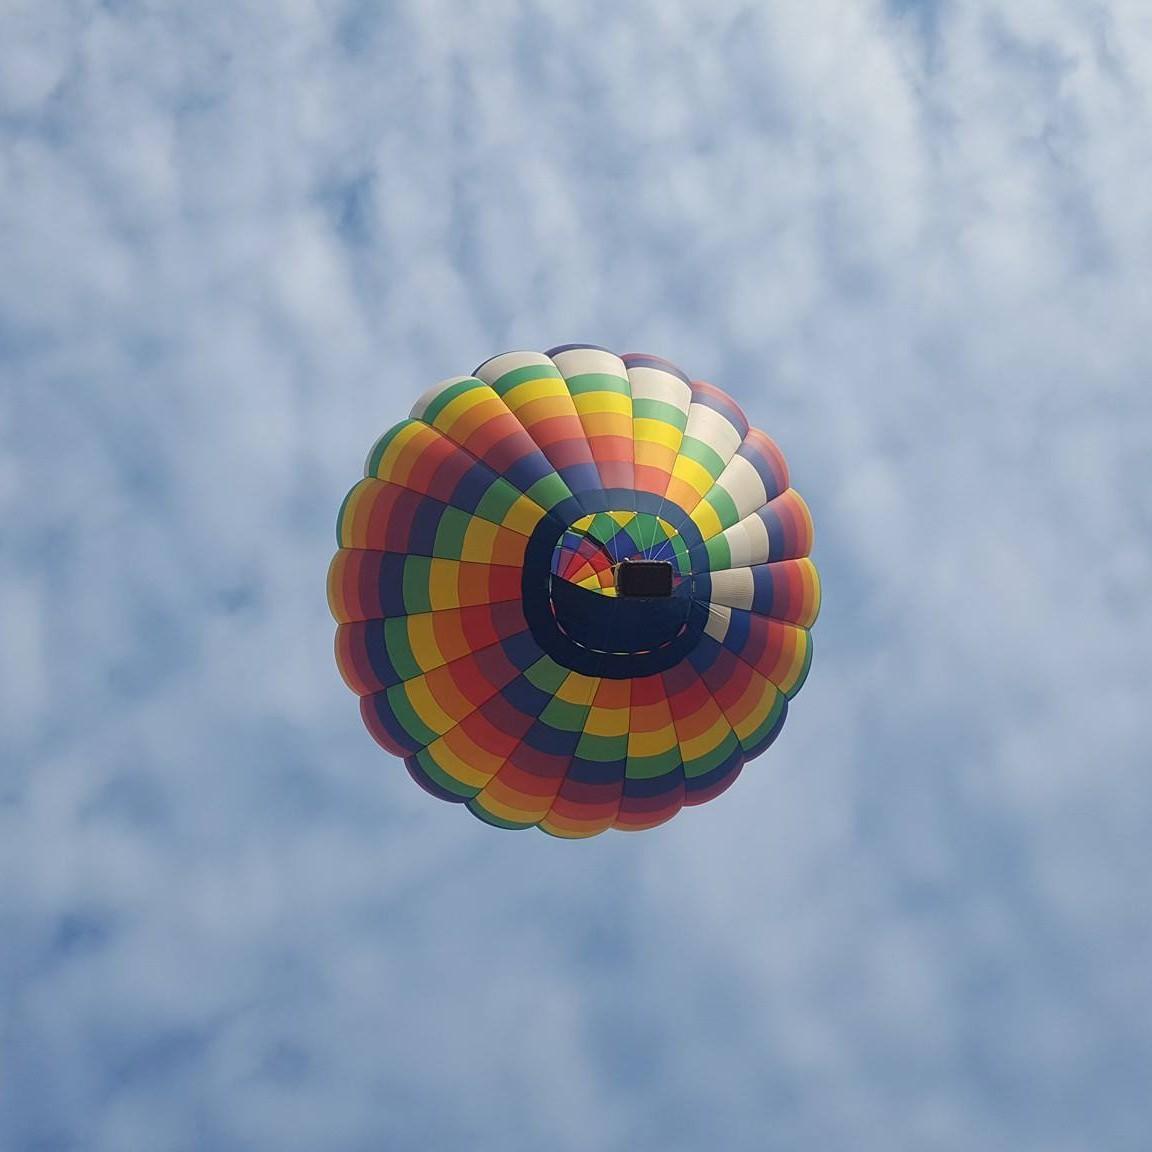 hot air balloon festival montgolfiere montreal st jean de richelieu 3